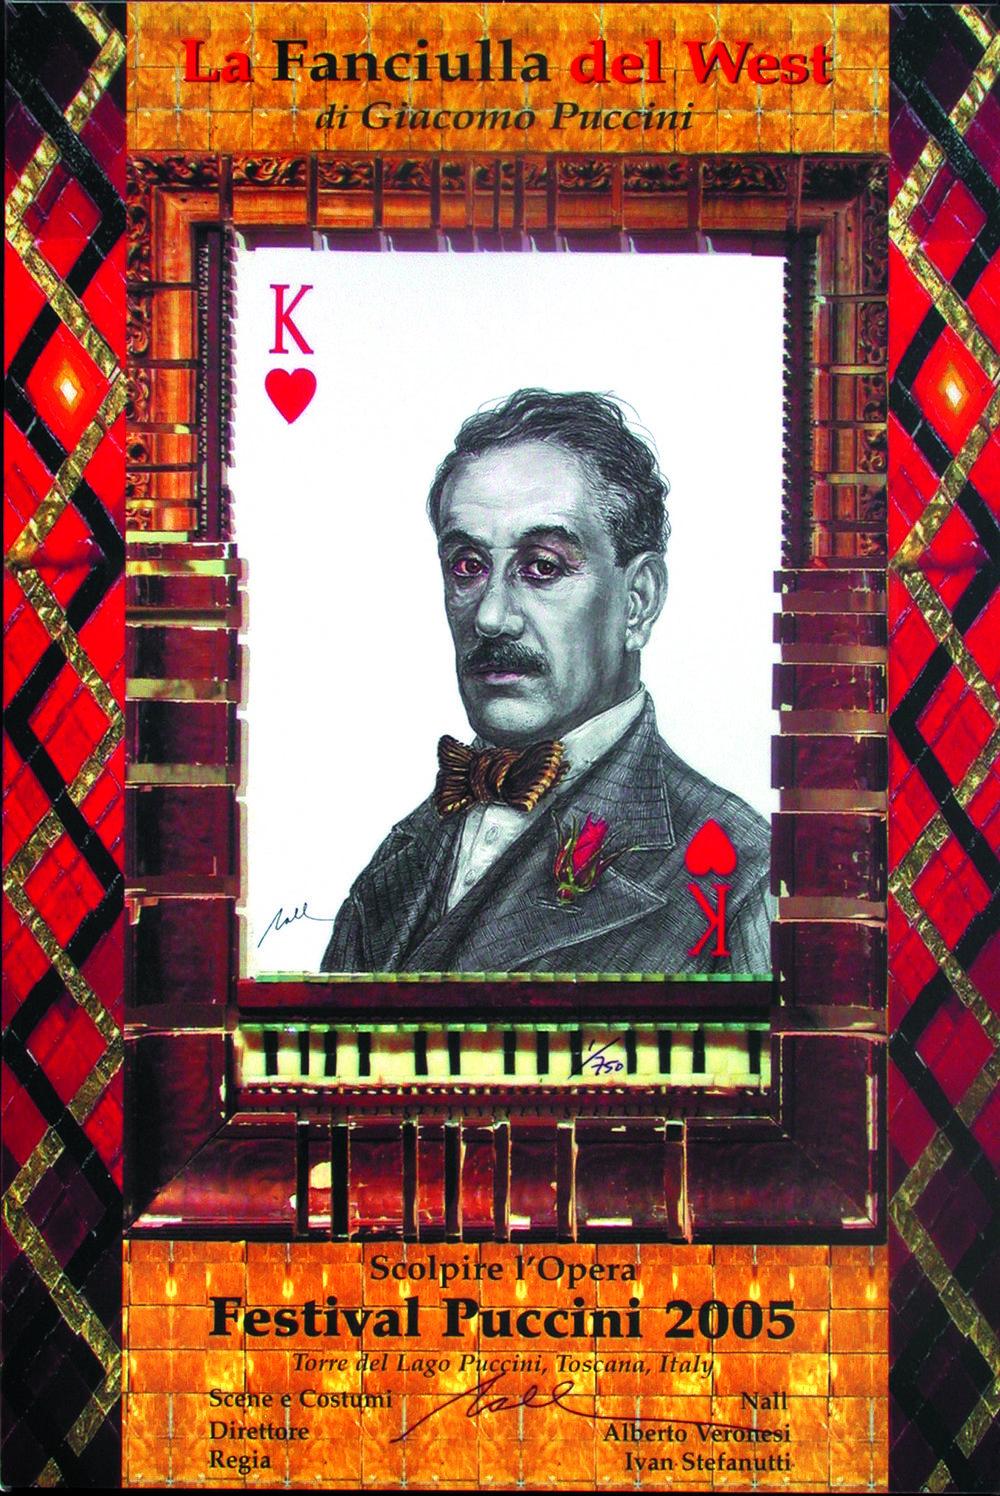 Puccini 2005